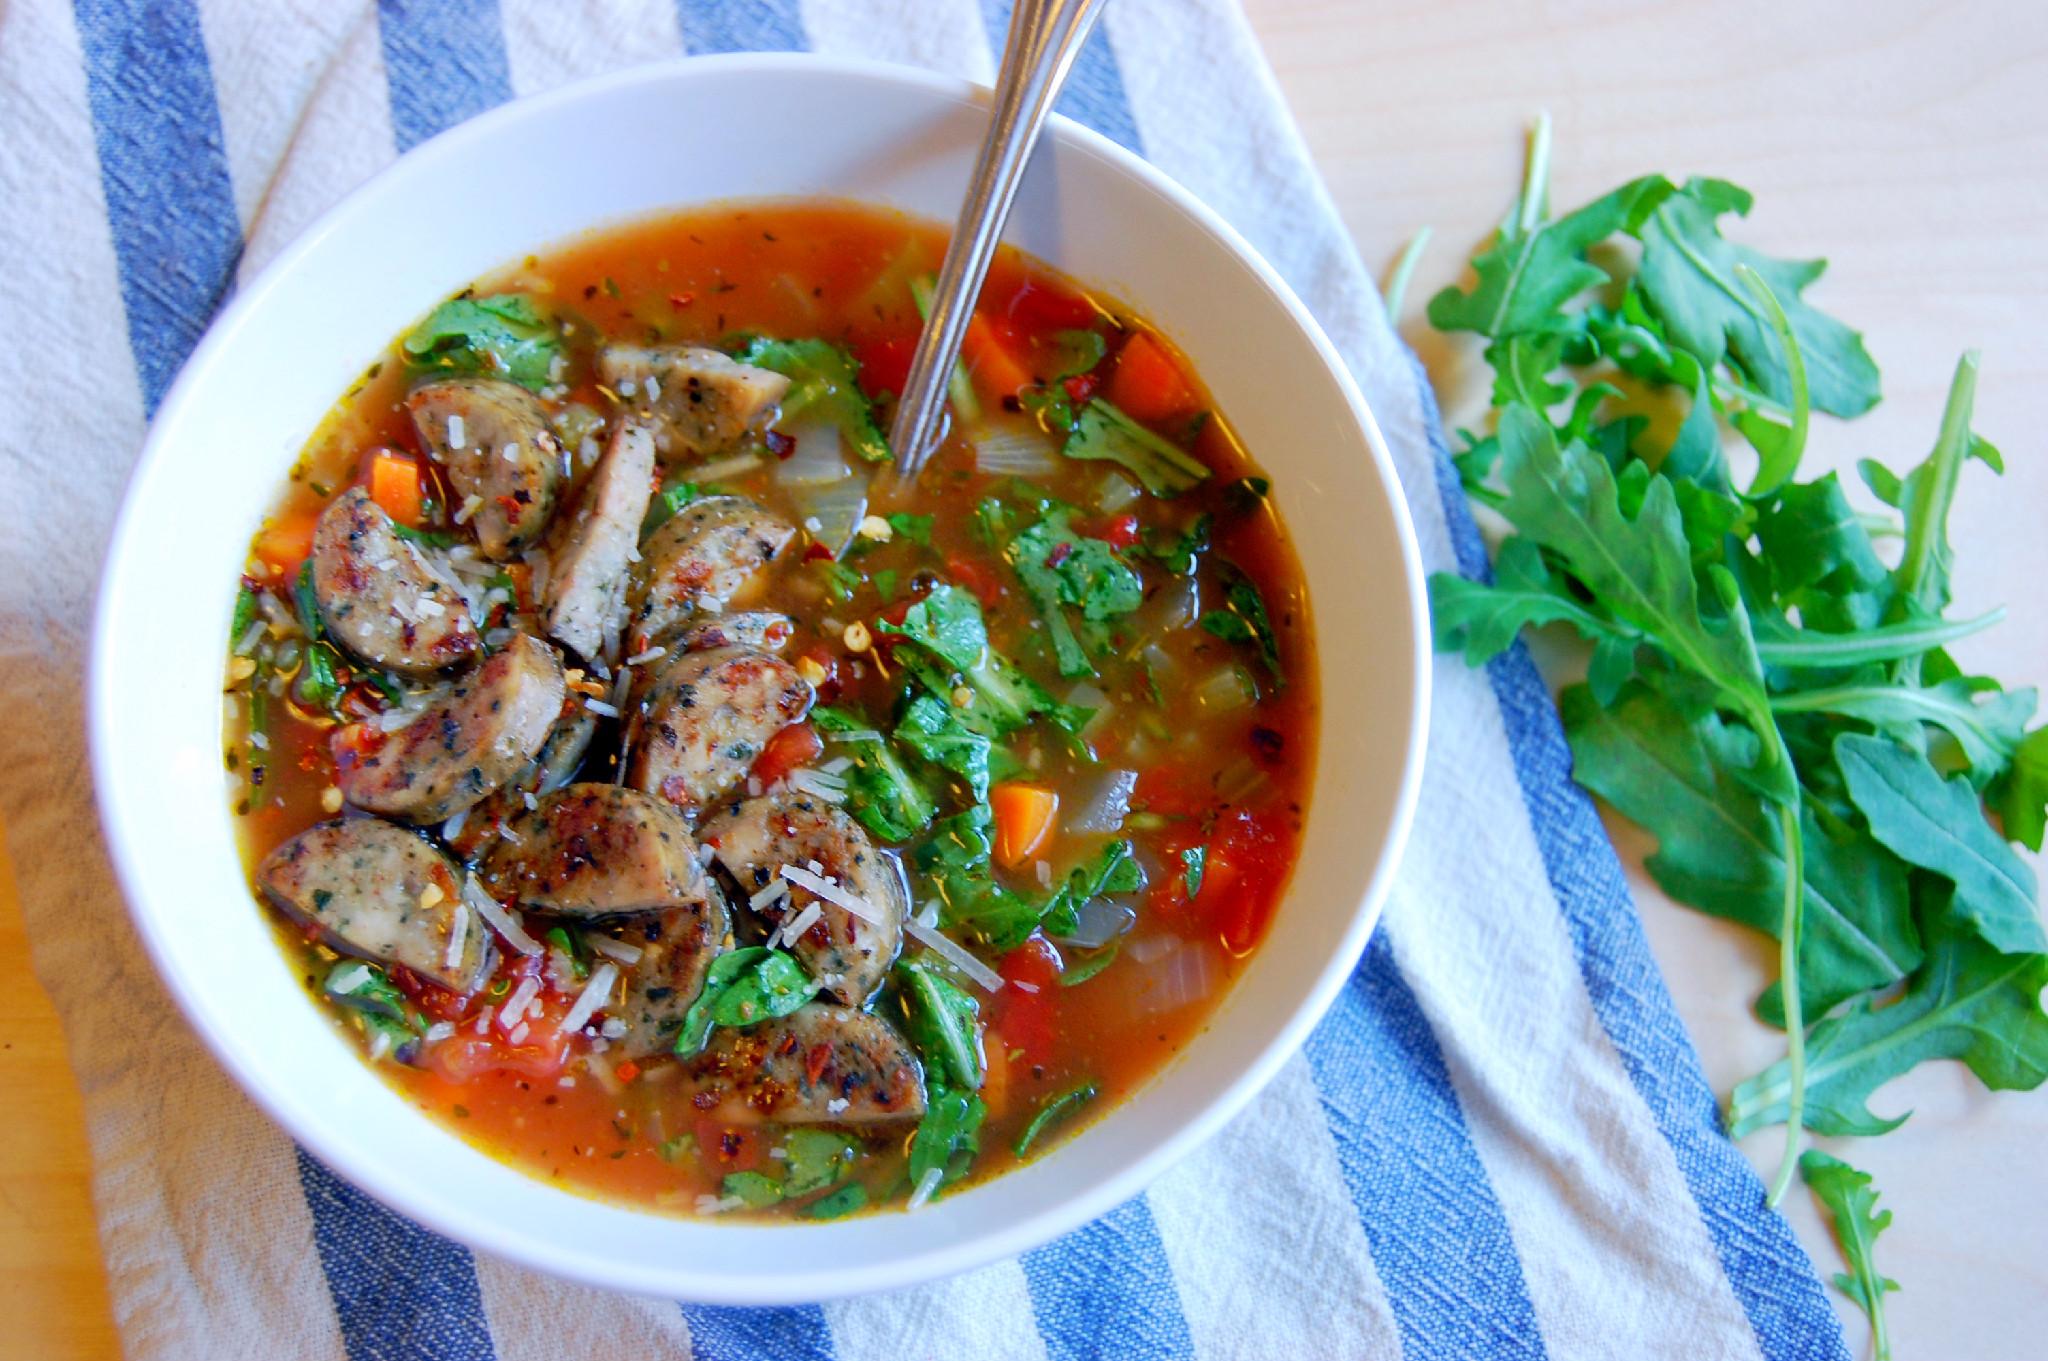 Spicy Arugula & Chicken Soup